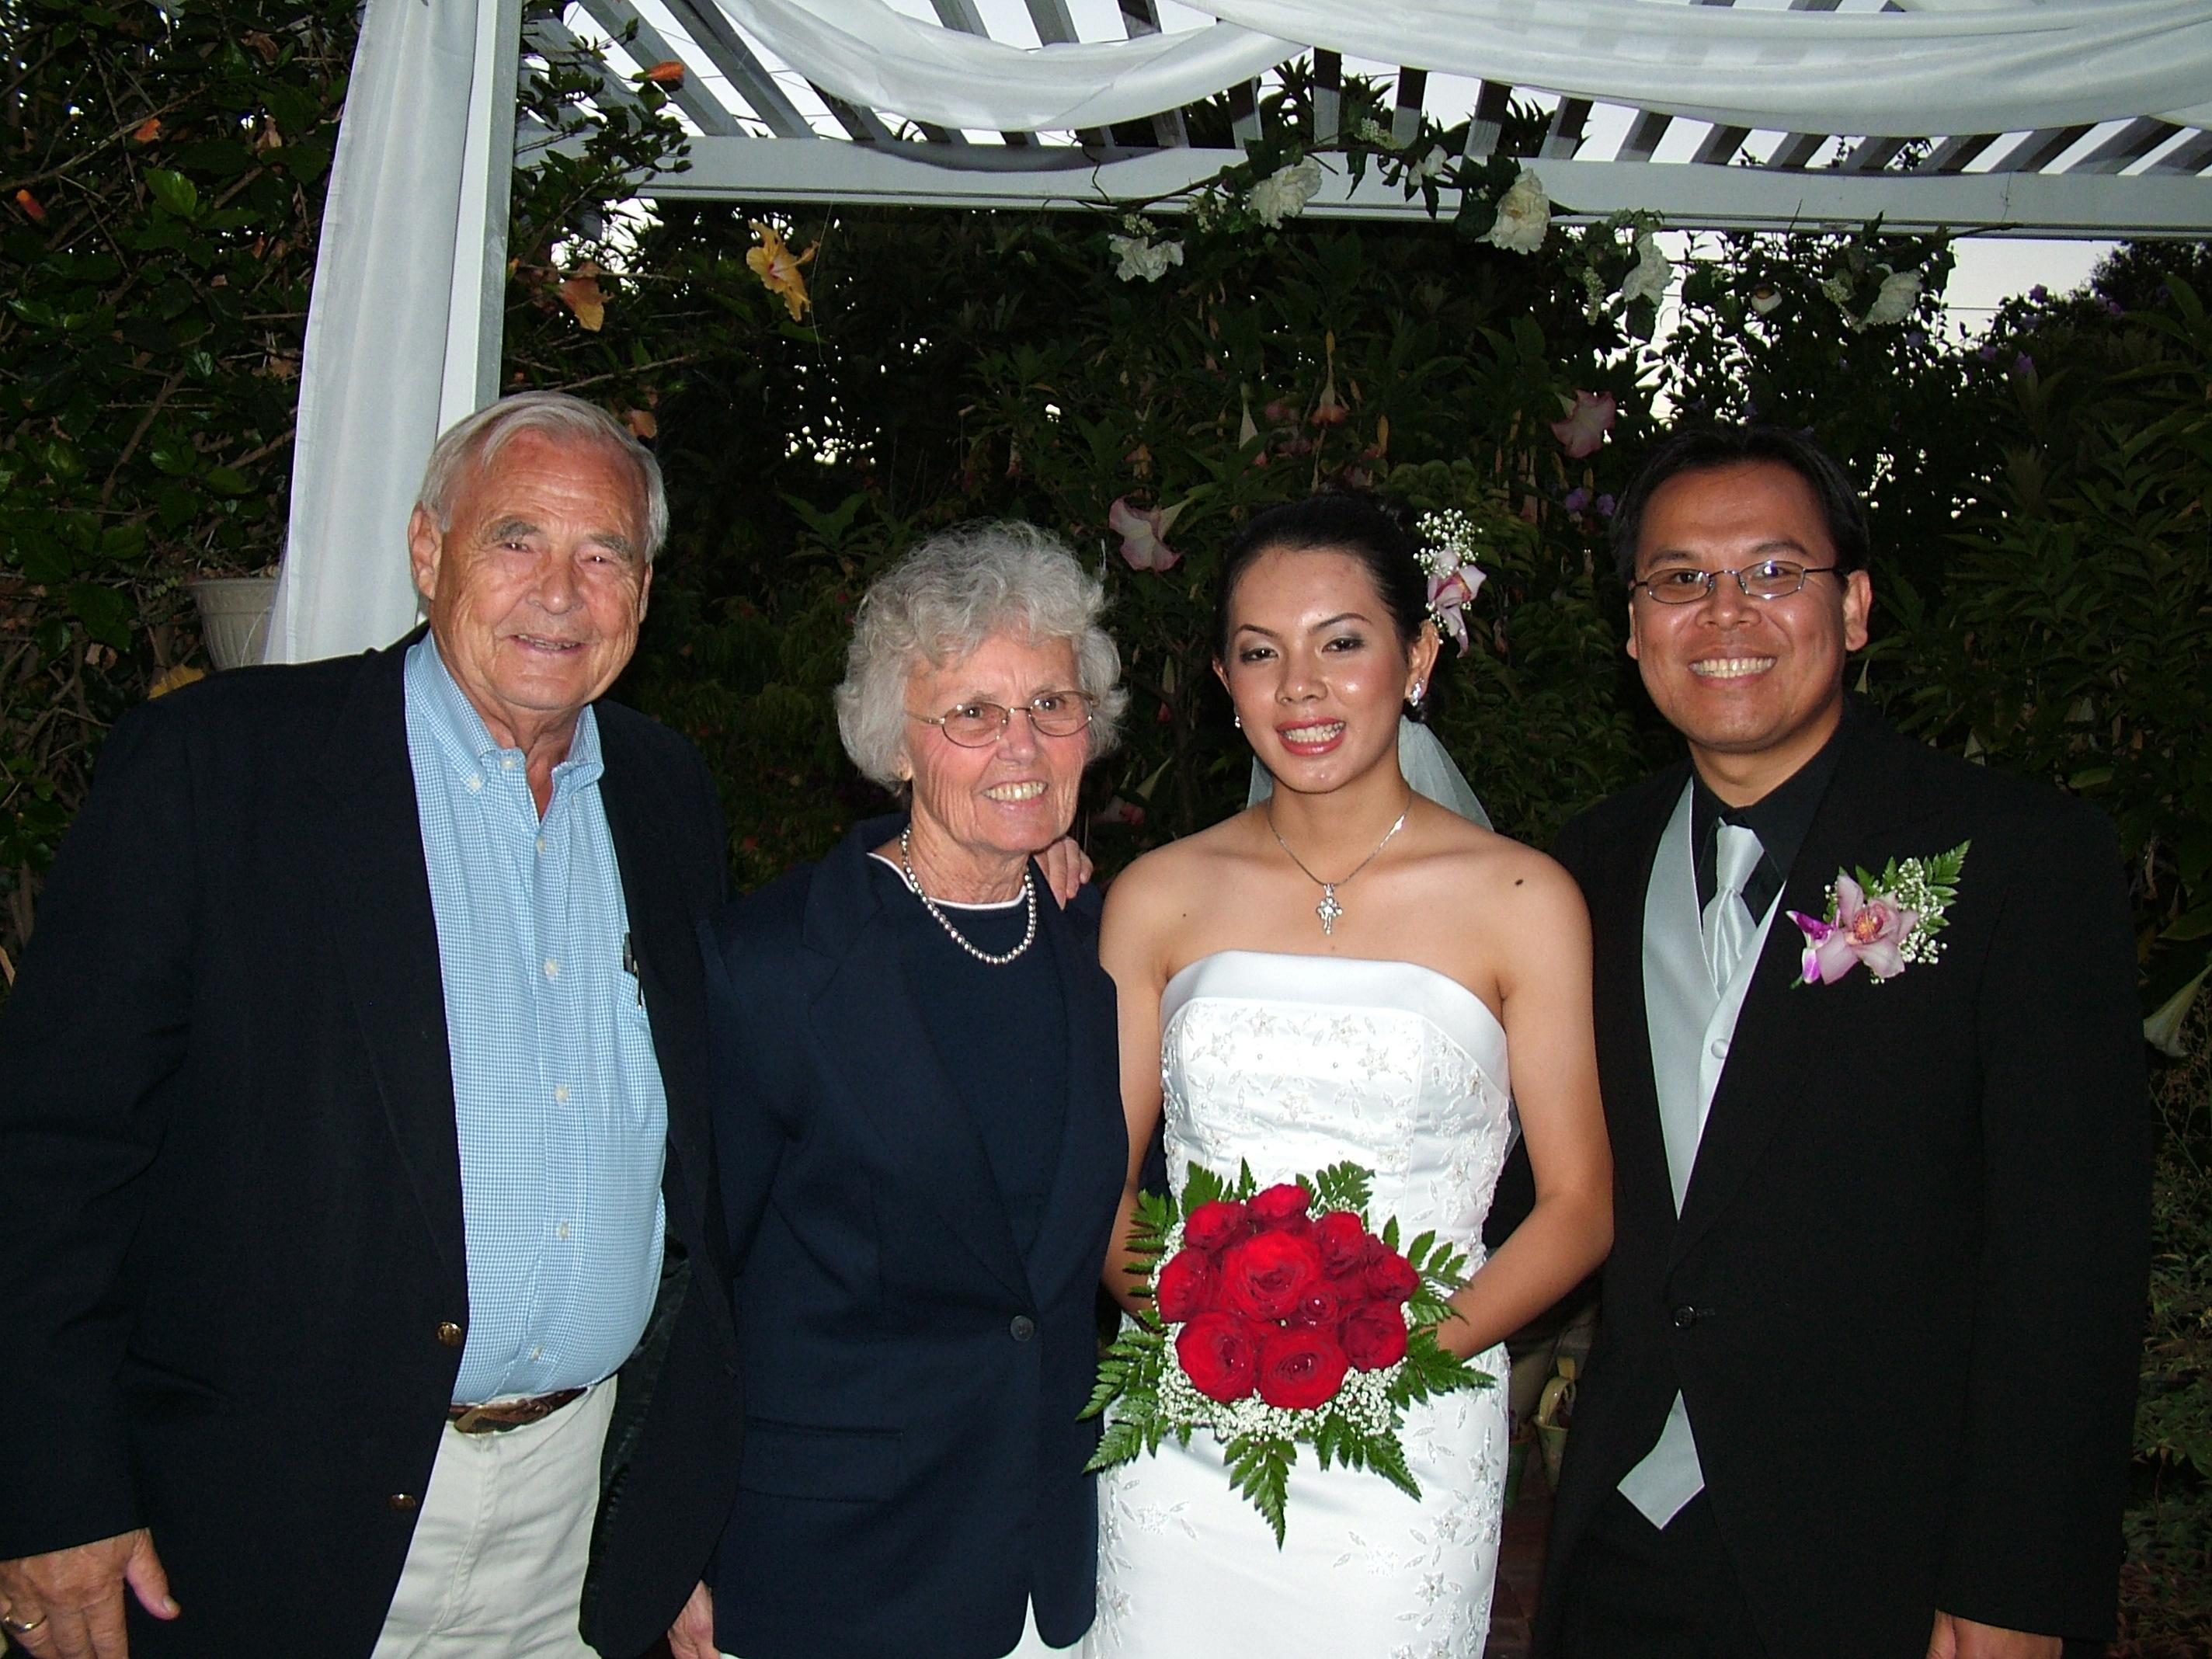 familyphotoboelkins with lundi nita american wedjune05